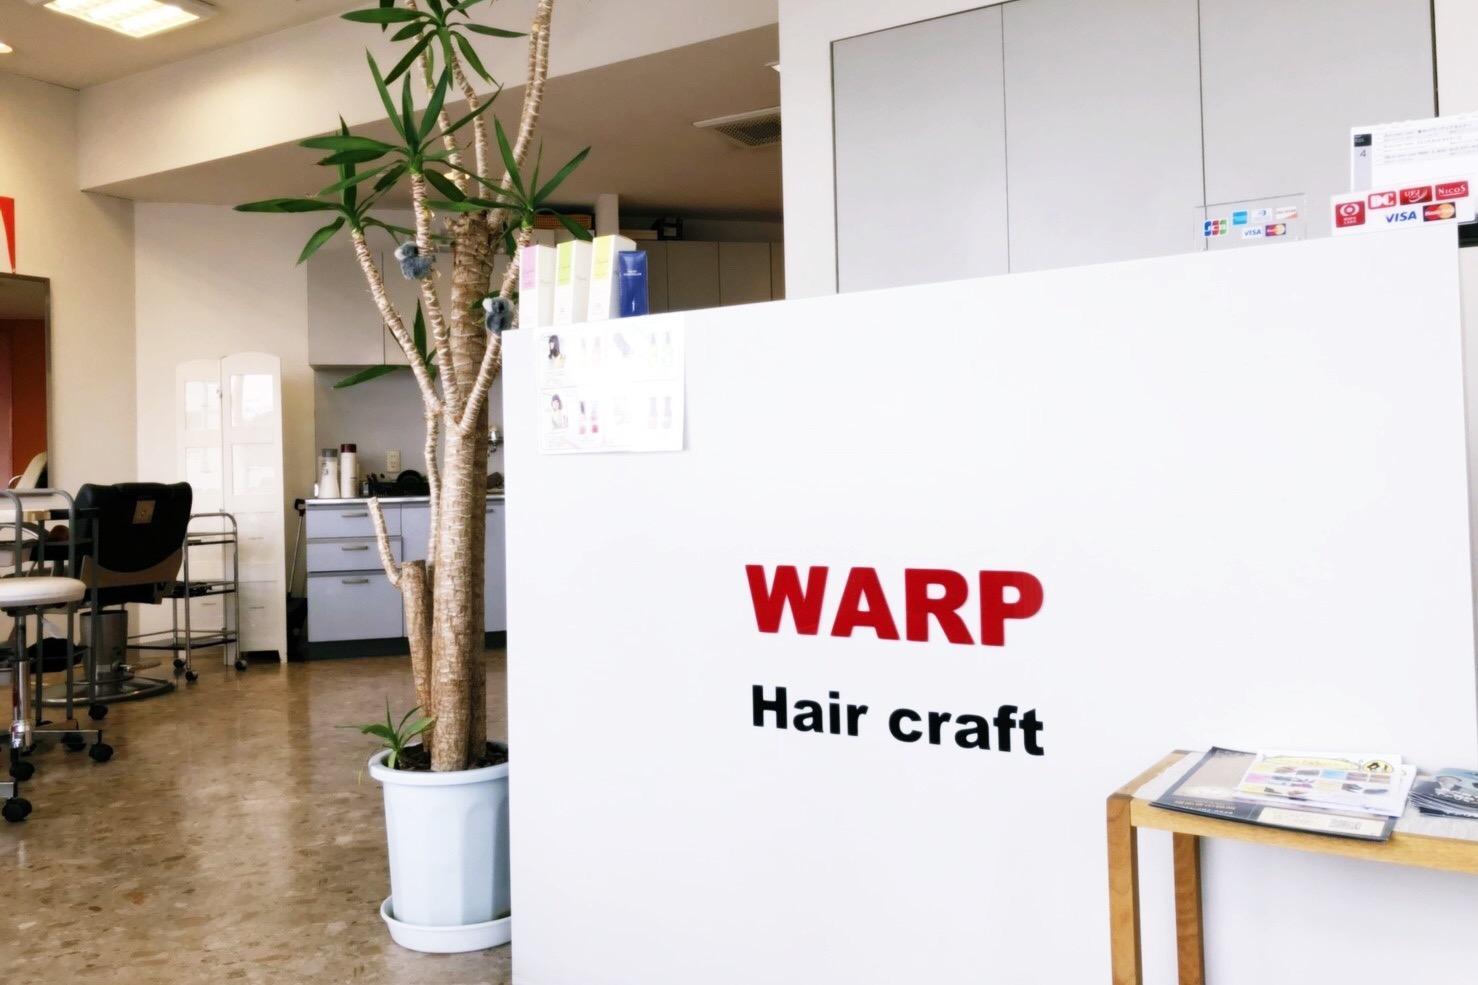 WARP Hair craft